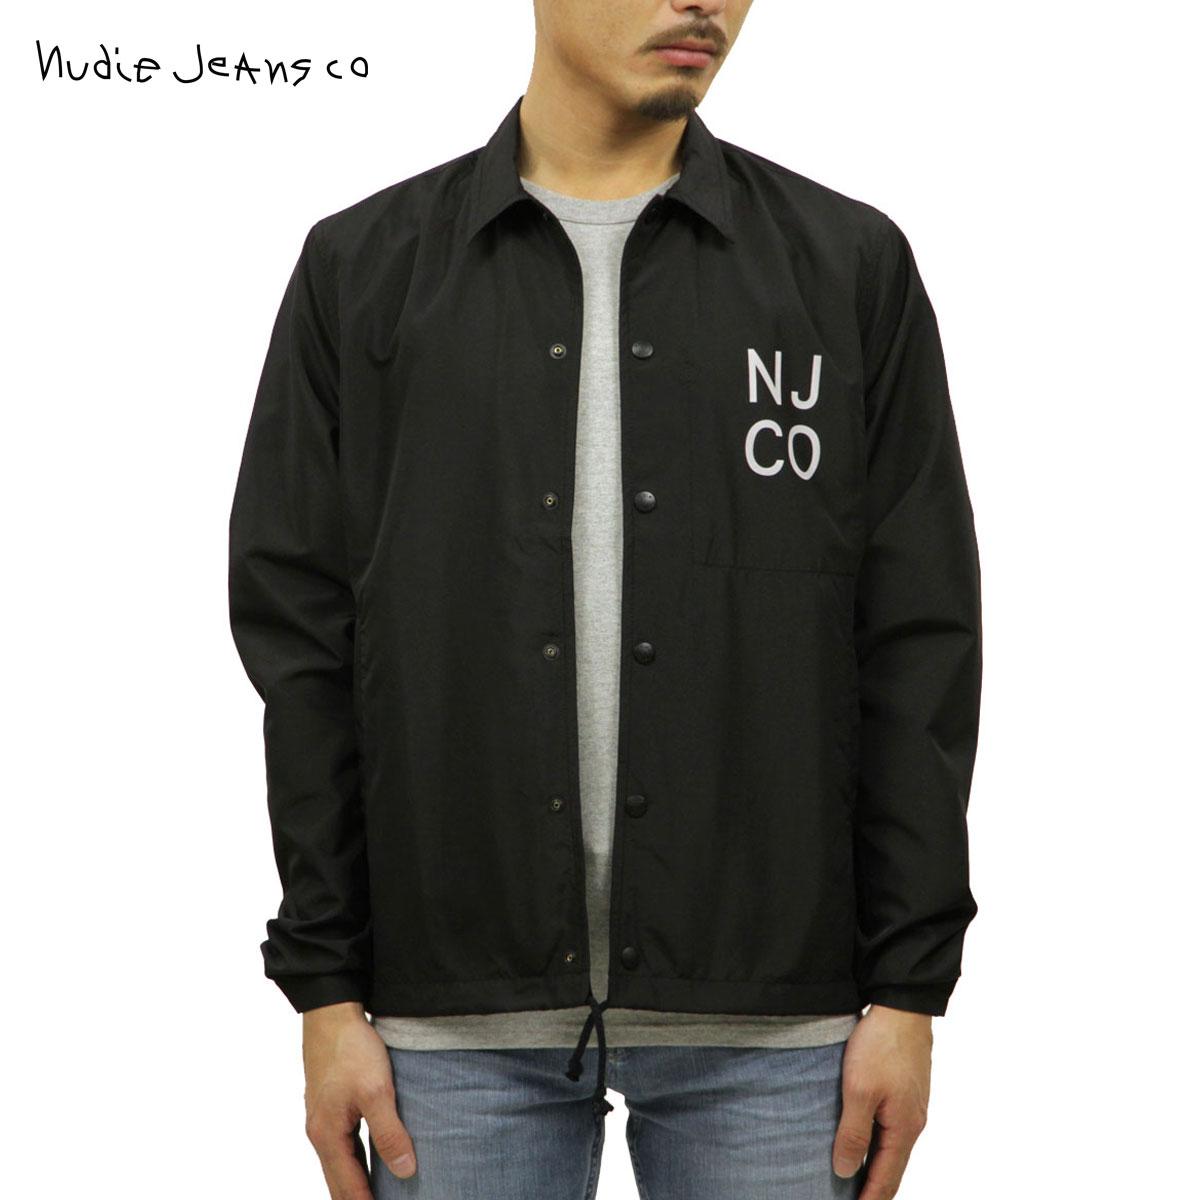 予約商品 6月頃入荷予定 ヌーディージーンズ Nudie Jeans 正規販売店 メンズ アウター コーチジャケット JOSEPH COACH JACKET BLACK B01 160654 5025